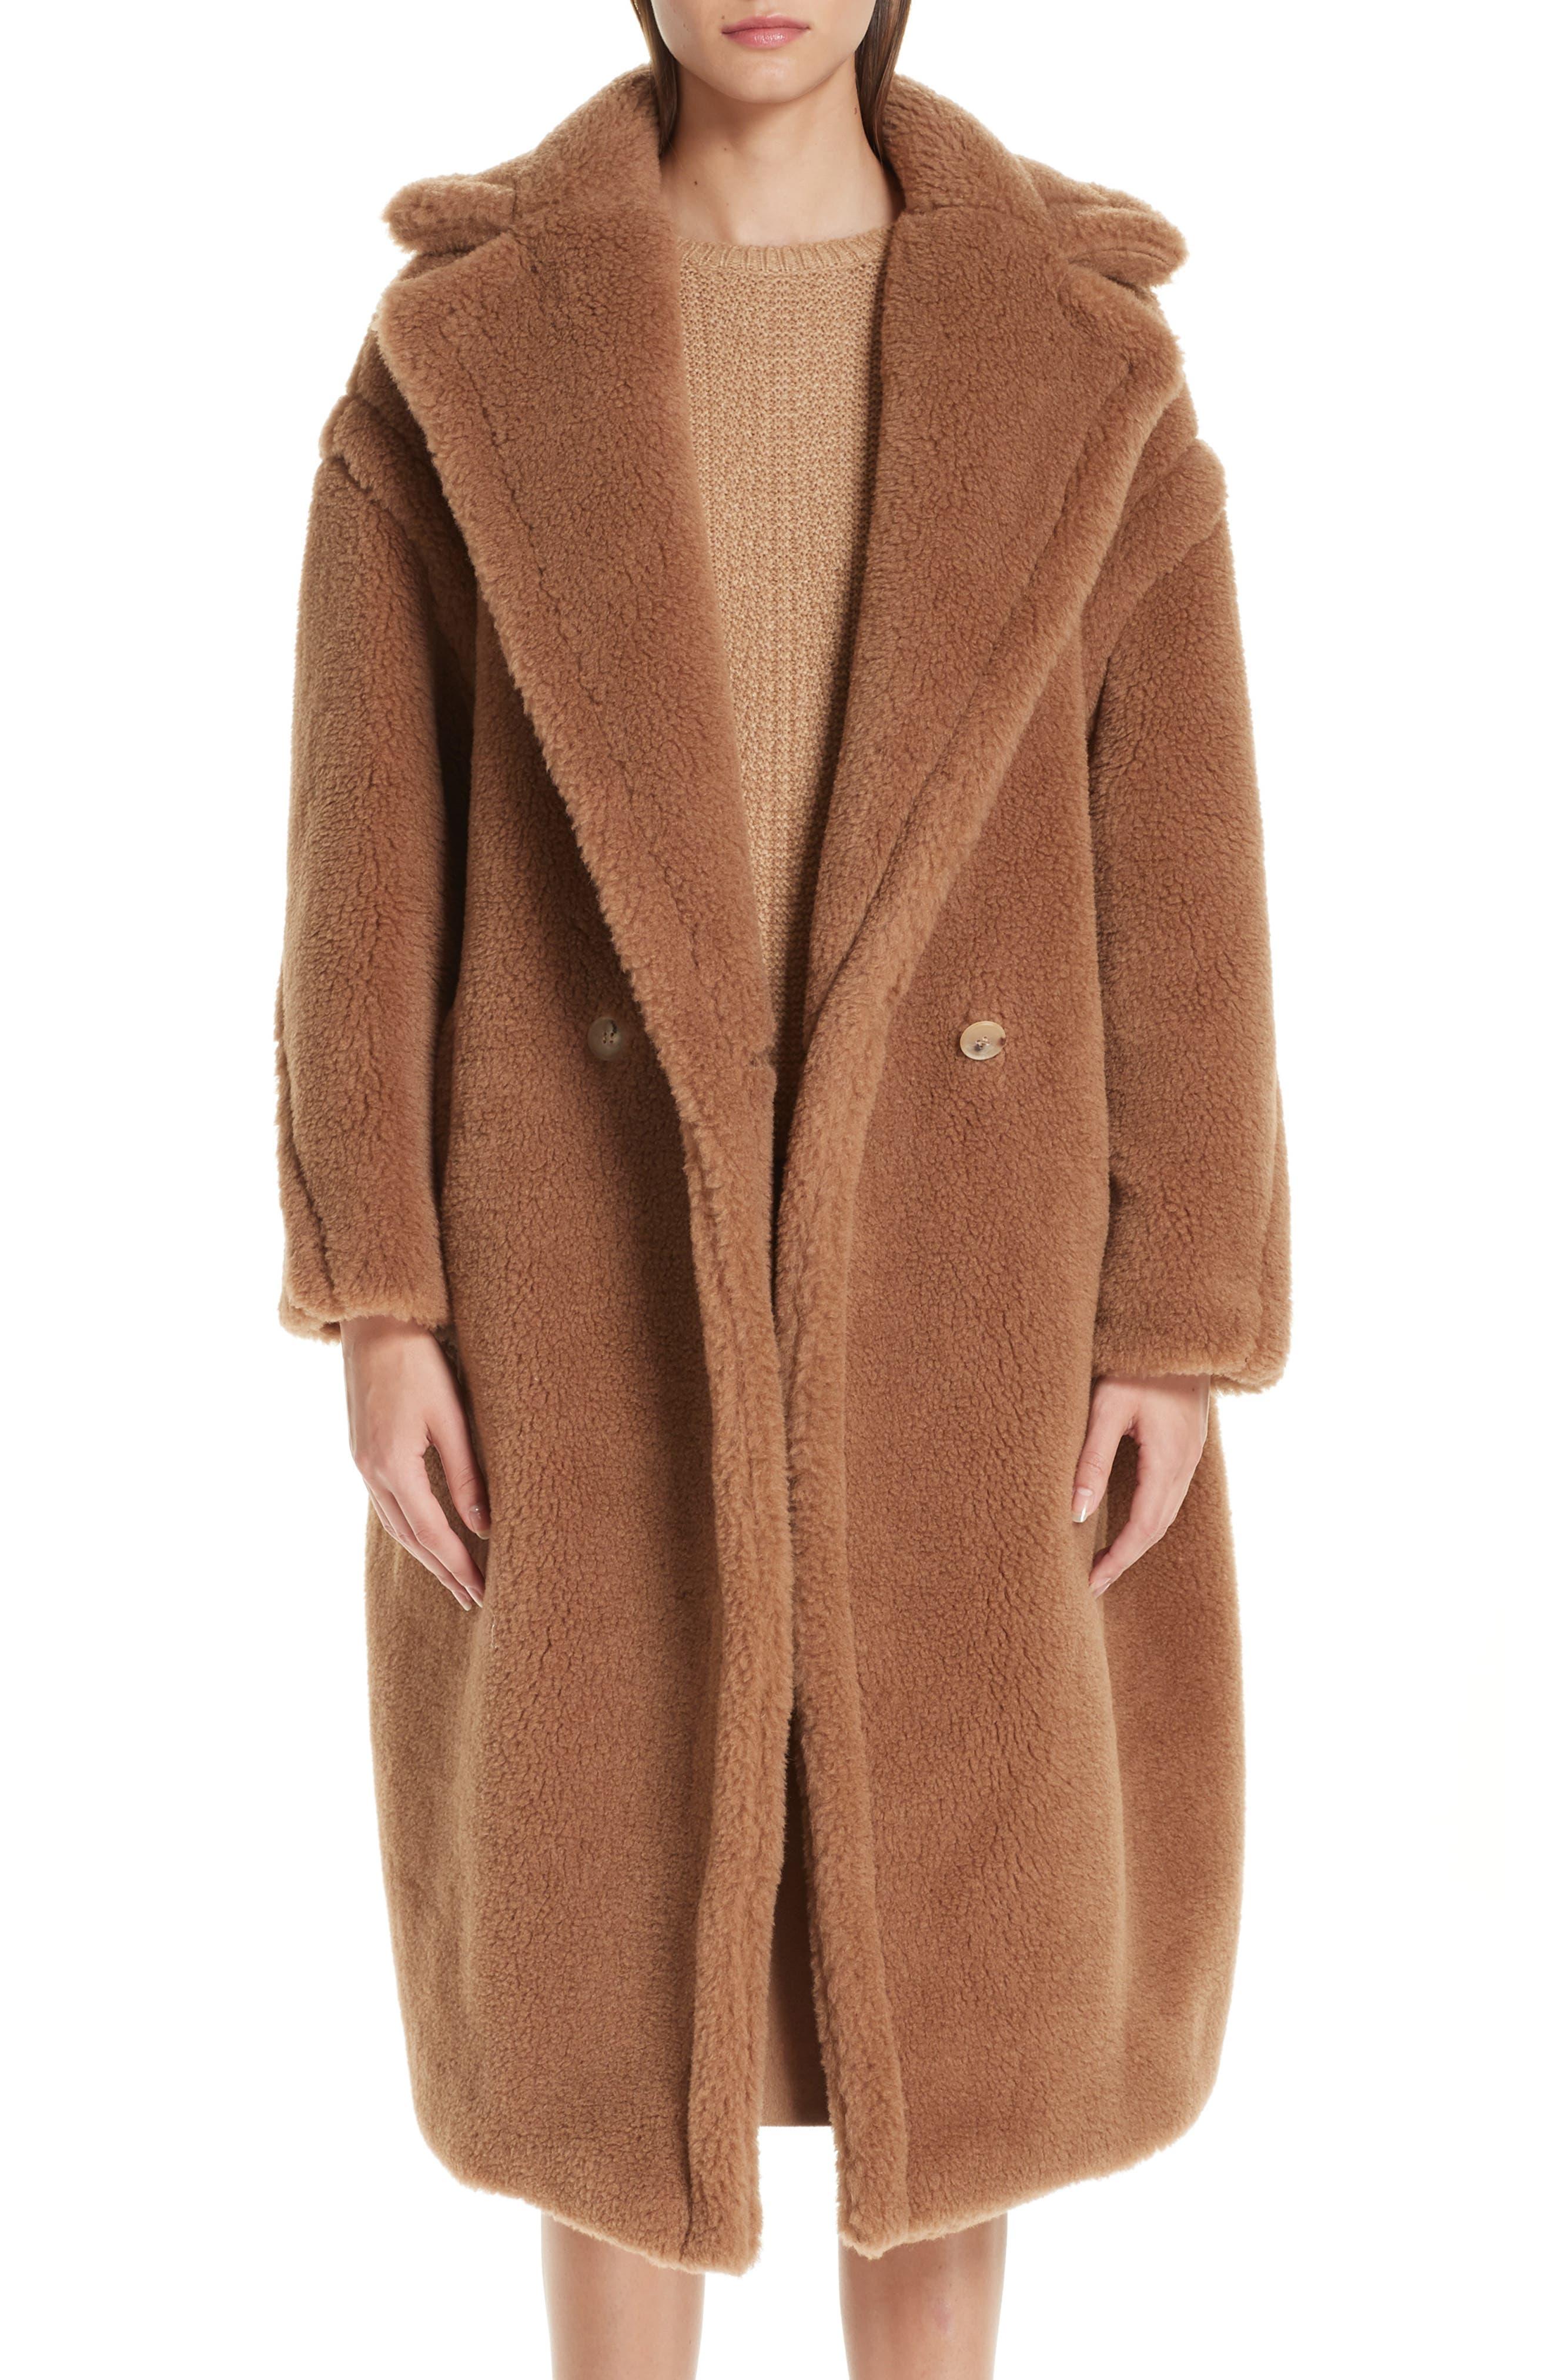 Teddy Bear Icon Faux Fur Coat by Max Mara